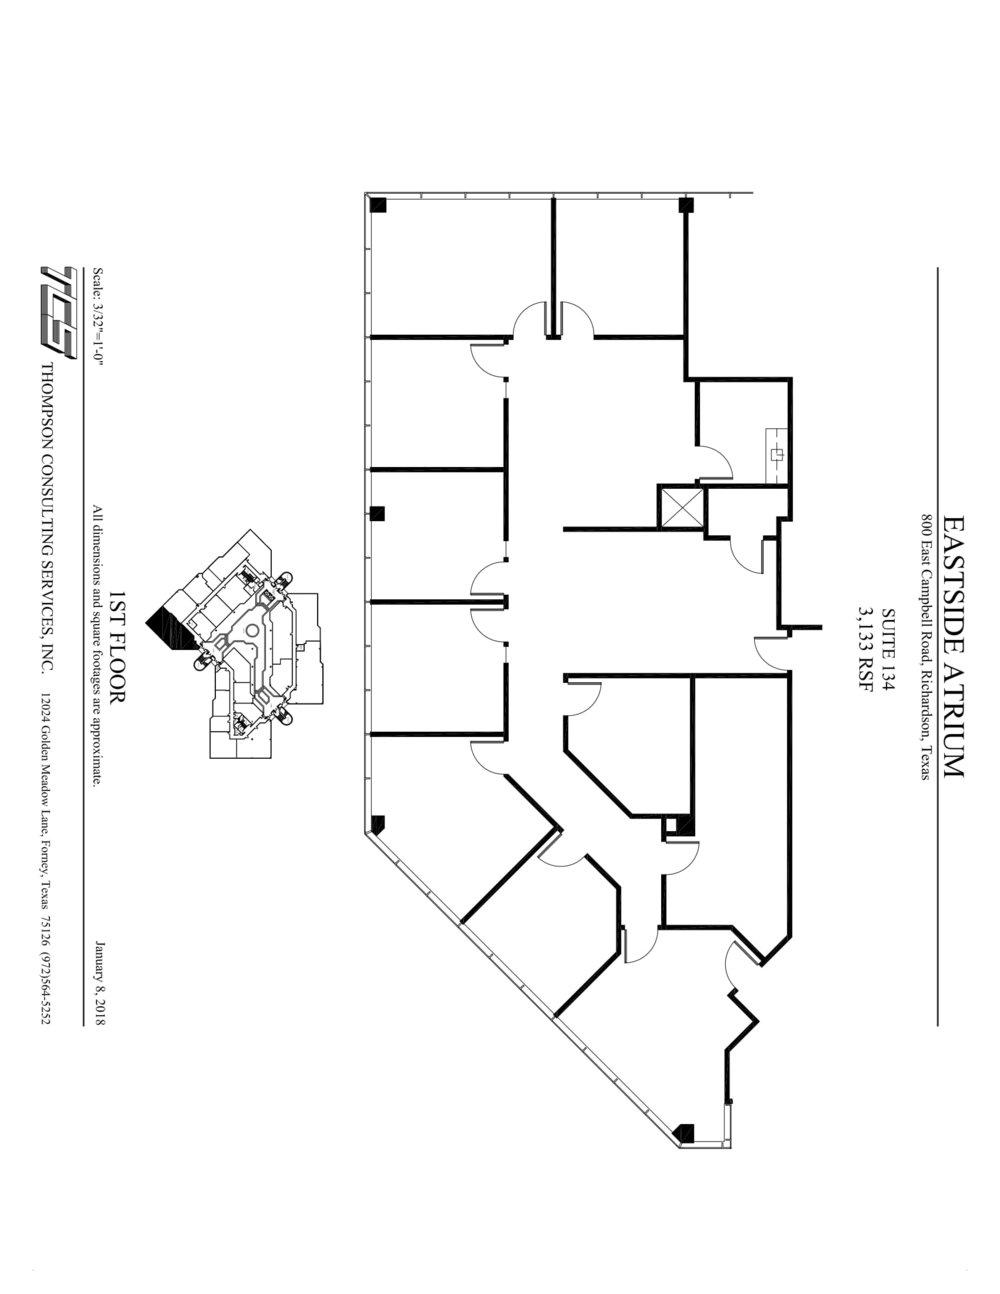 Eastside Atrium - Suite 134 - As-built-1